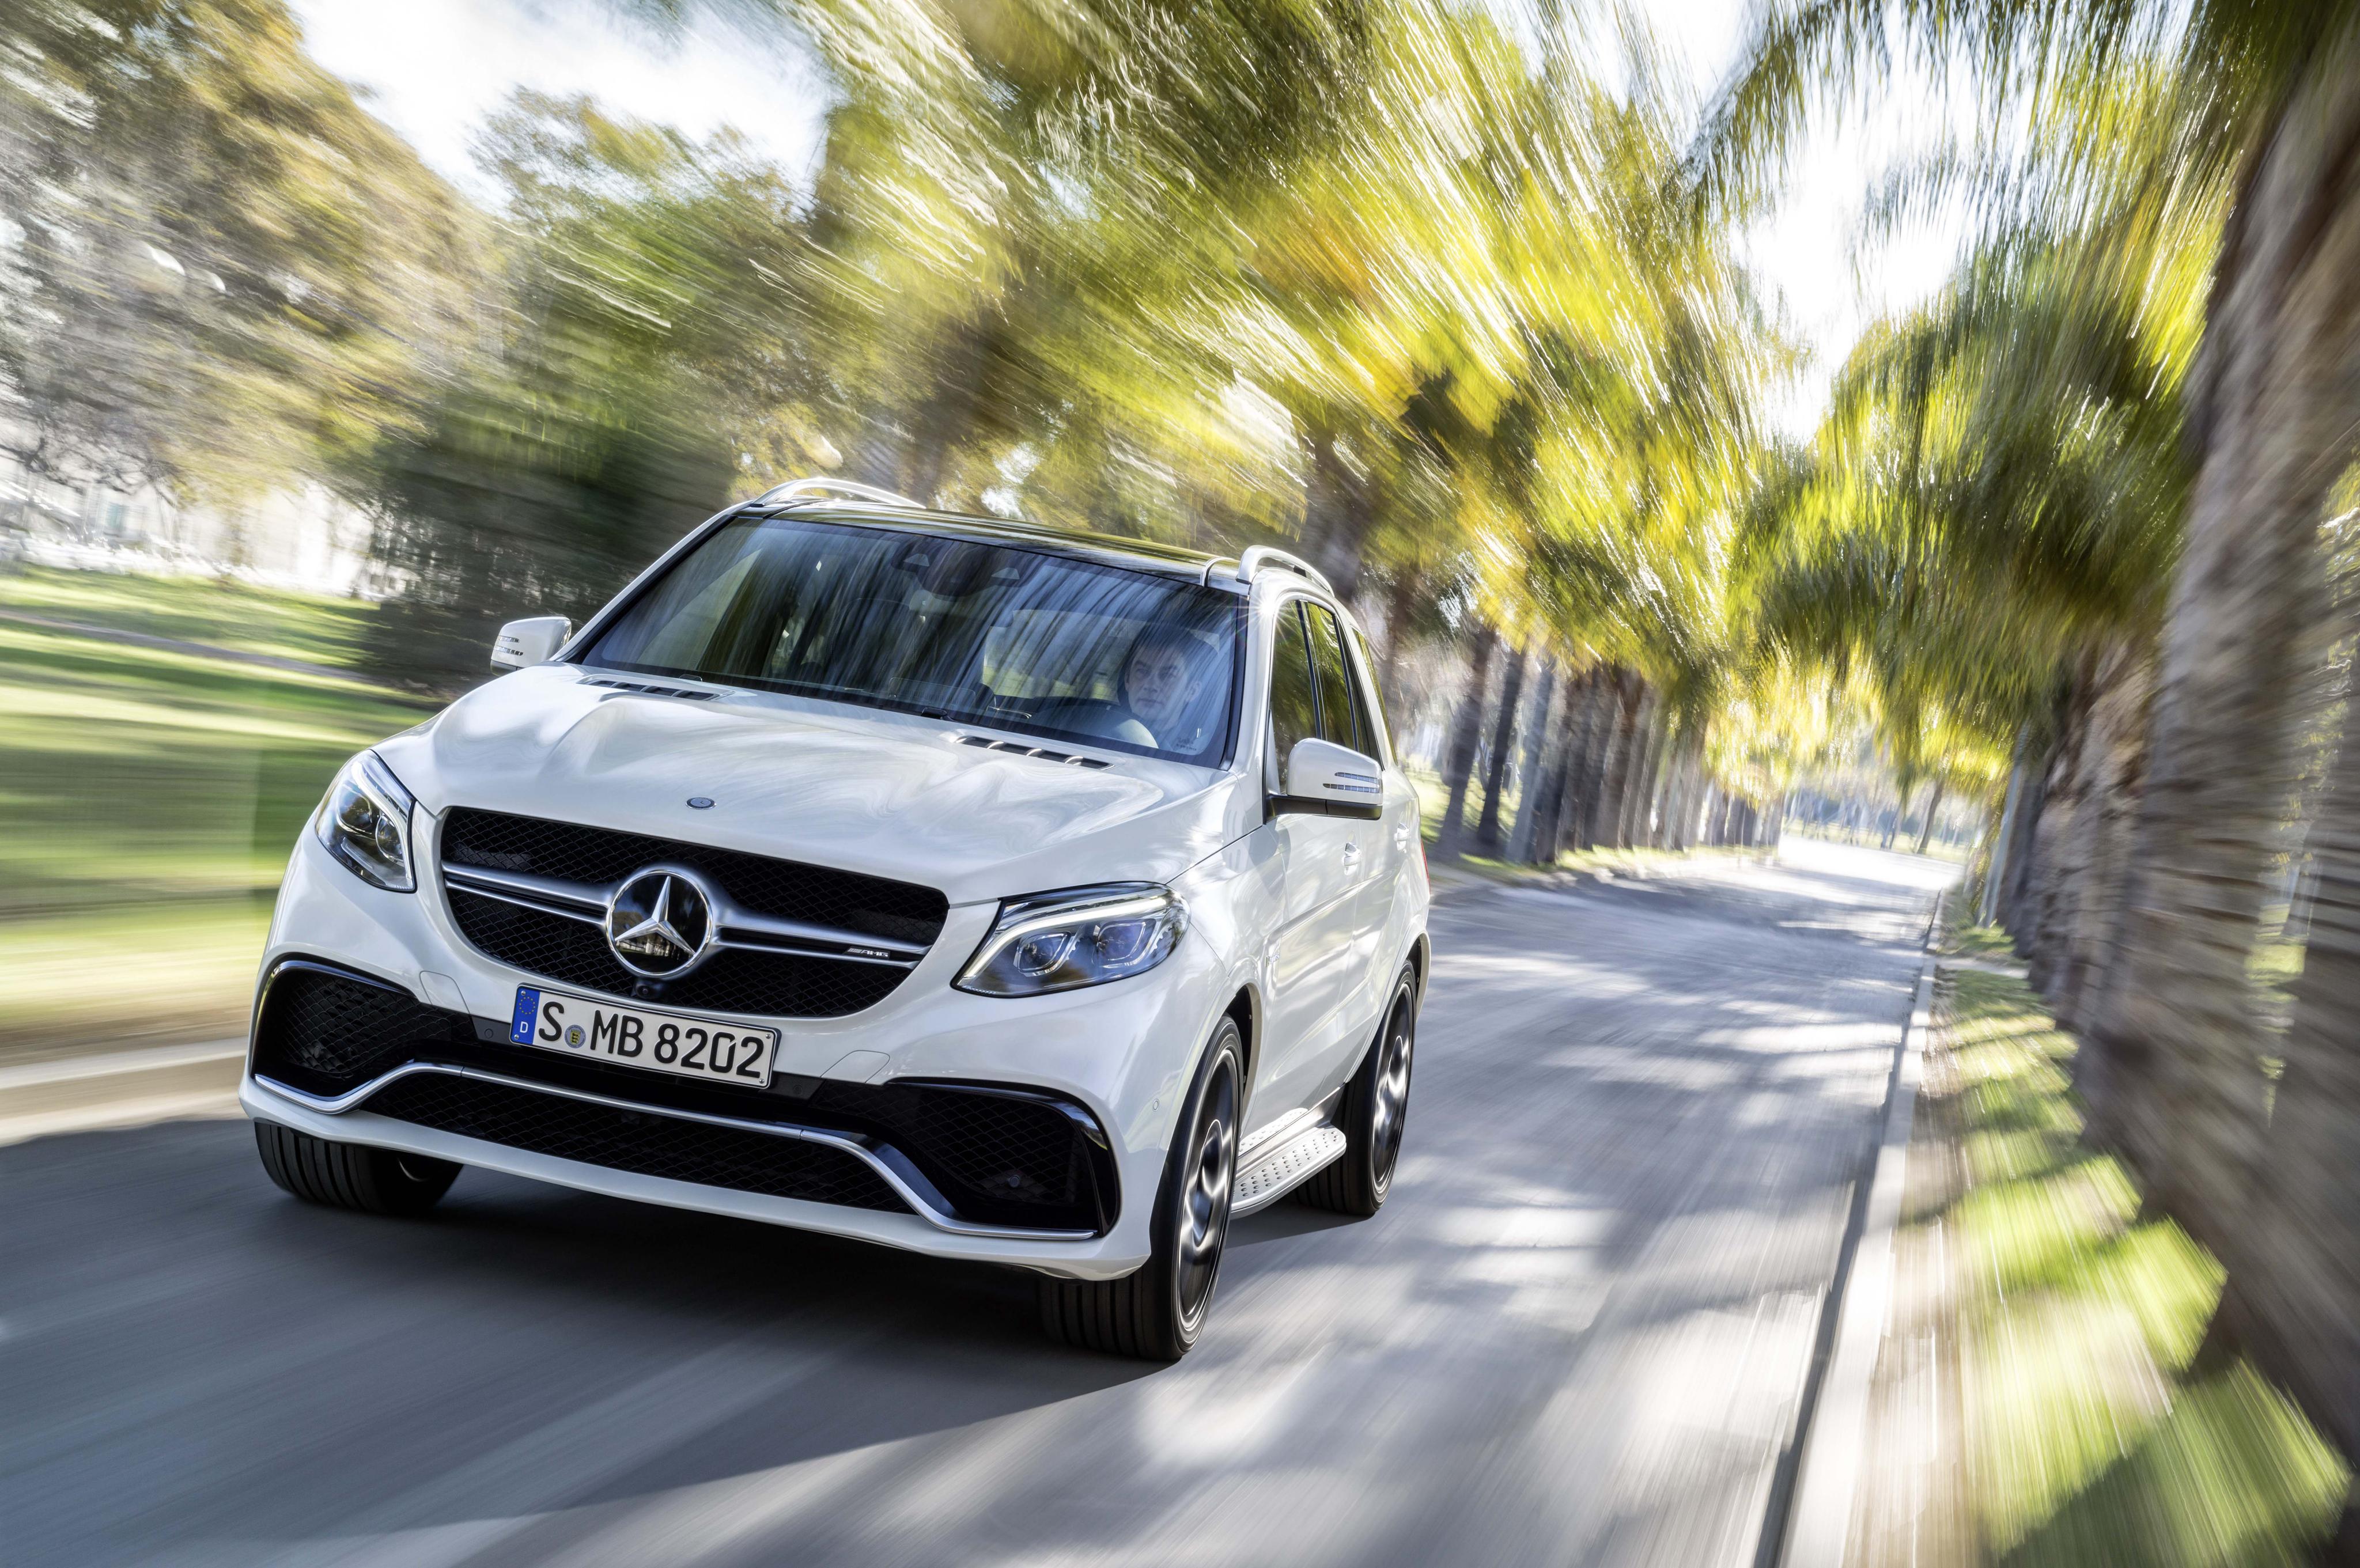 Mercedes-AMG GLE 63 AMG S